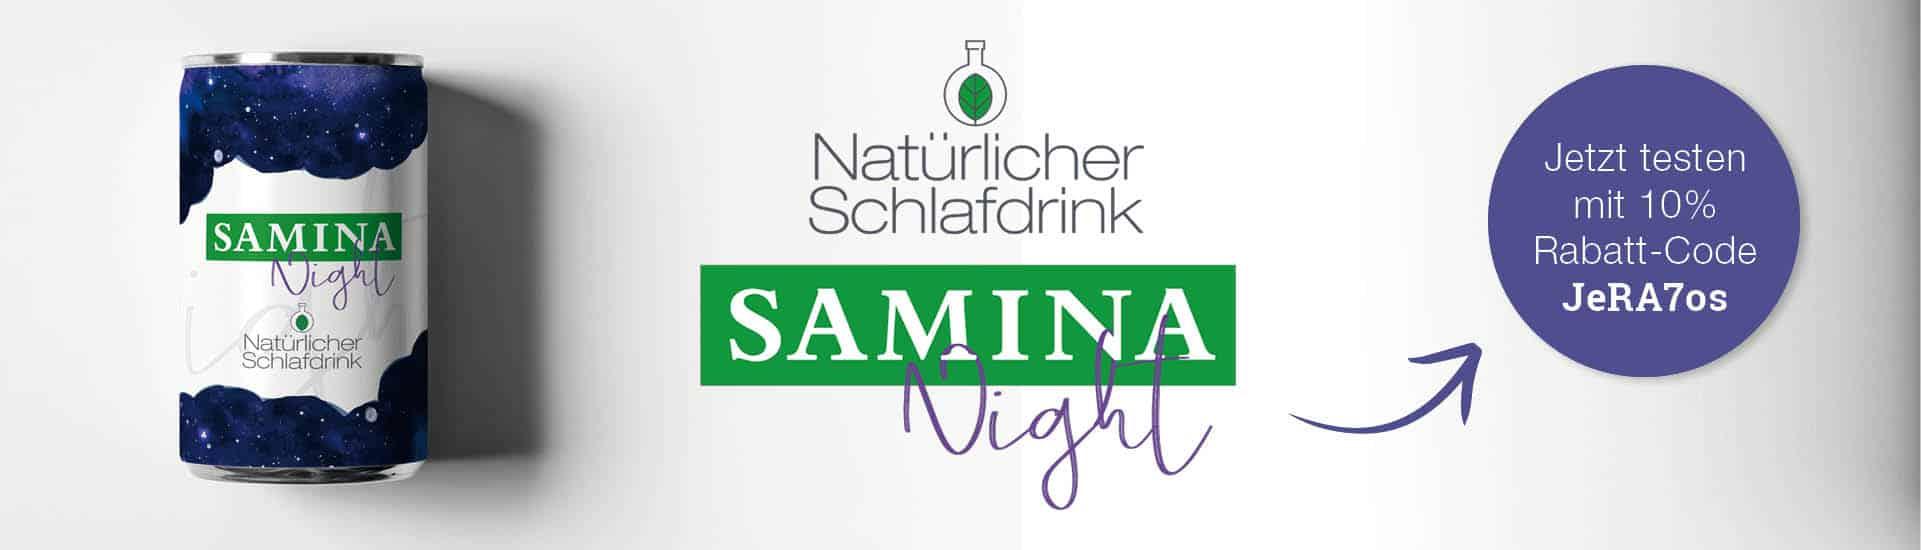 SAMINA Night - der nat�rliche Schlafdrink